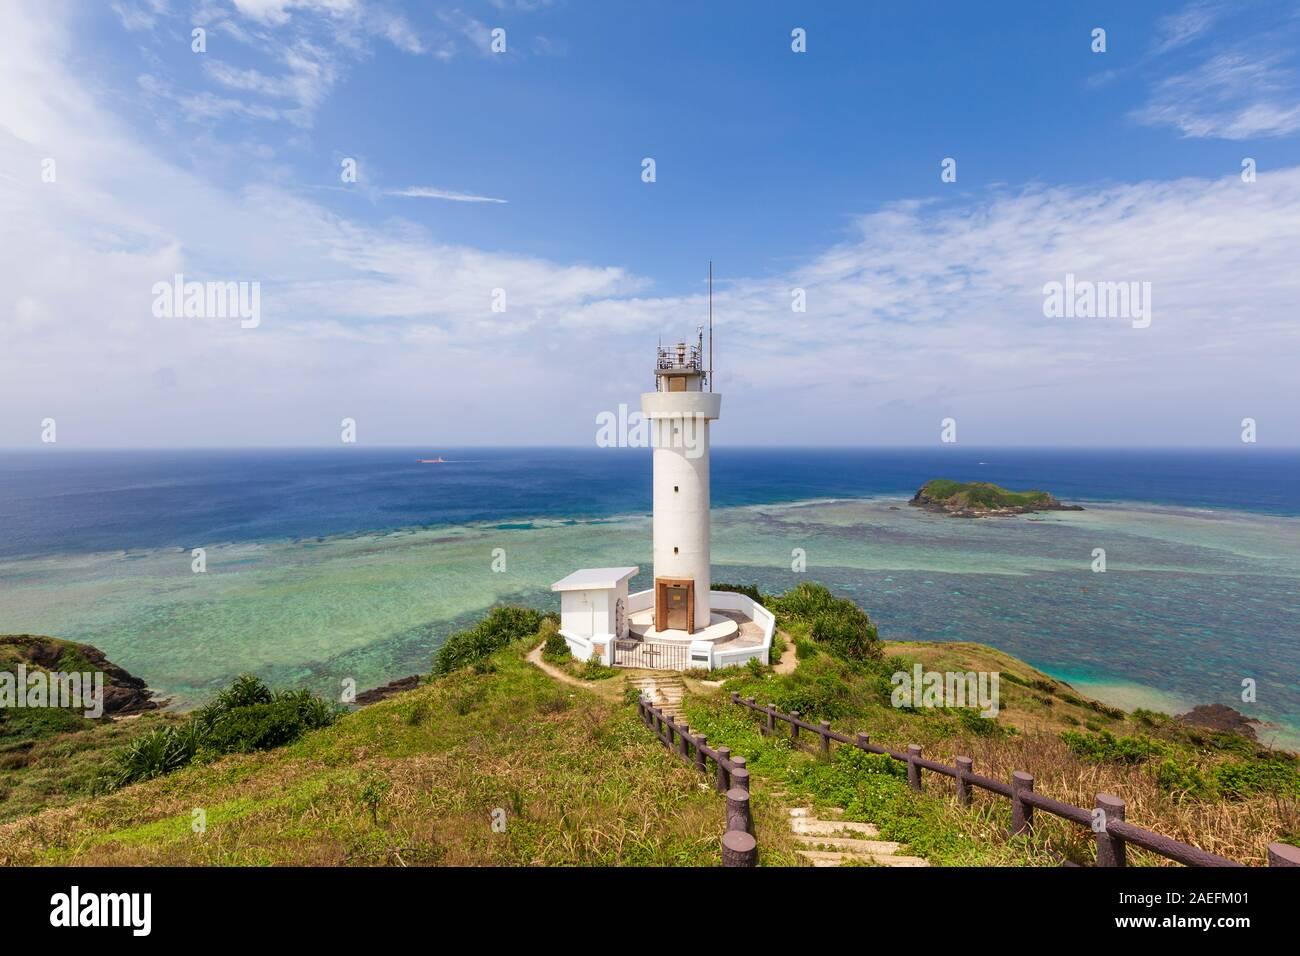 Hirakubo faro de la isla de Ishigaki en la Prefectura de Okinawa, Japón. Foto de stock